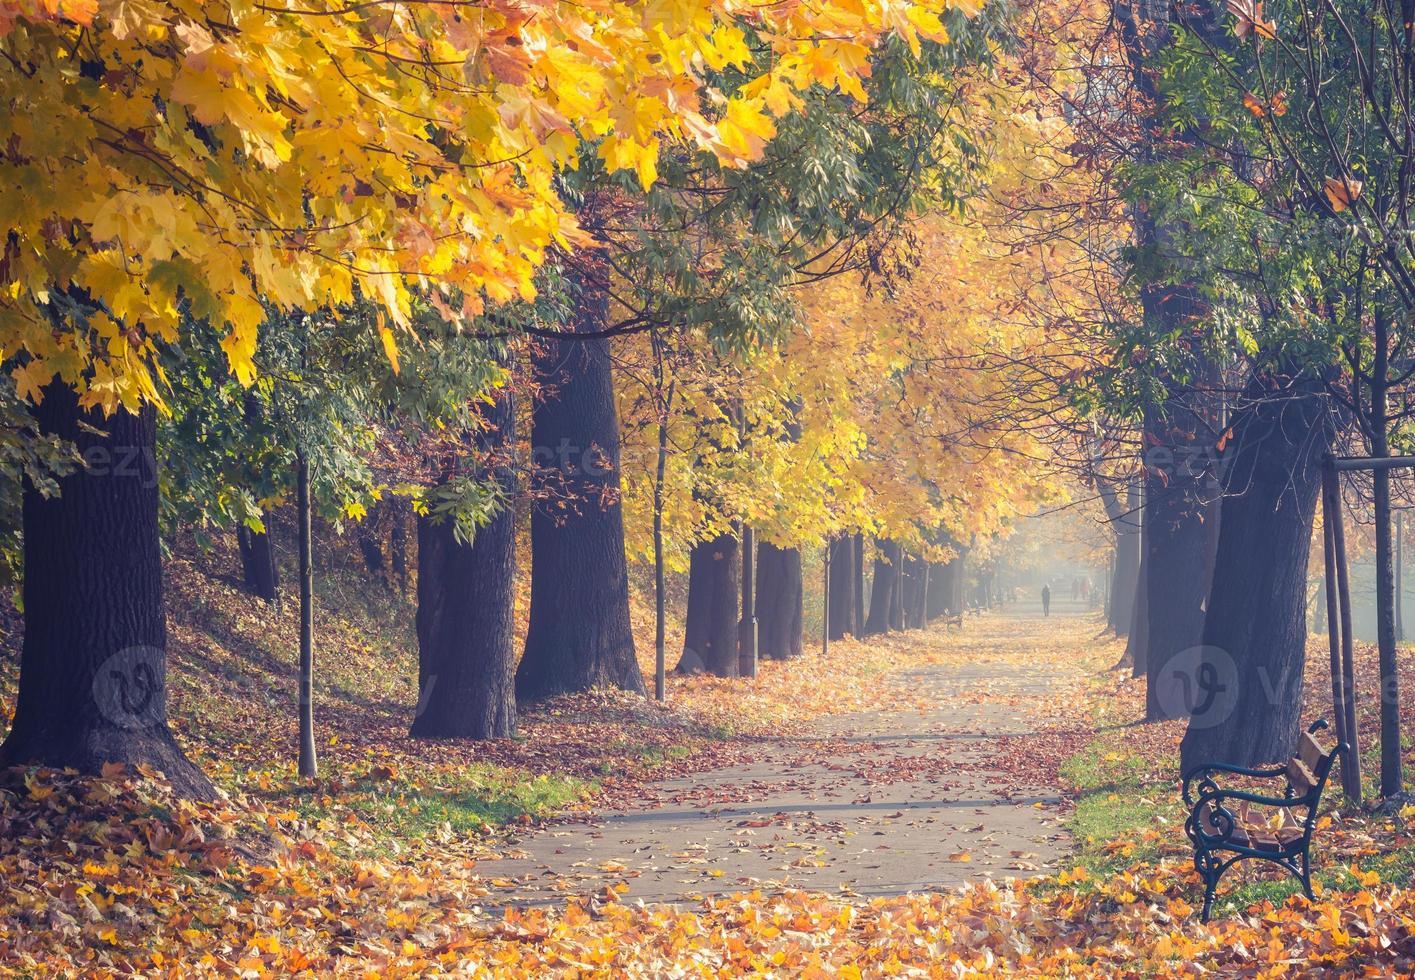 Allée d'arbres colorés dans le parc d'automne, Cracovie, Pologne photo